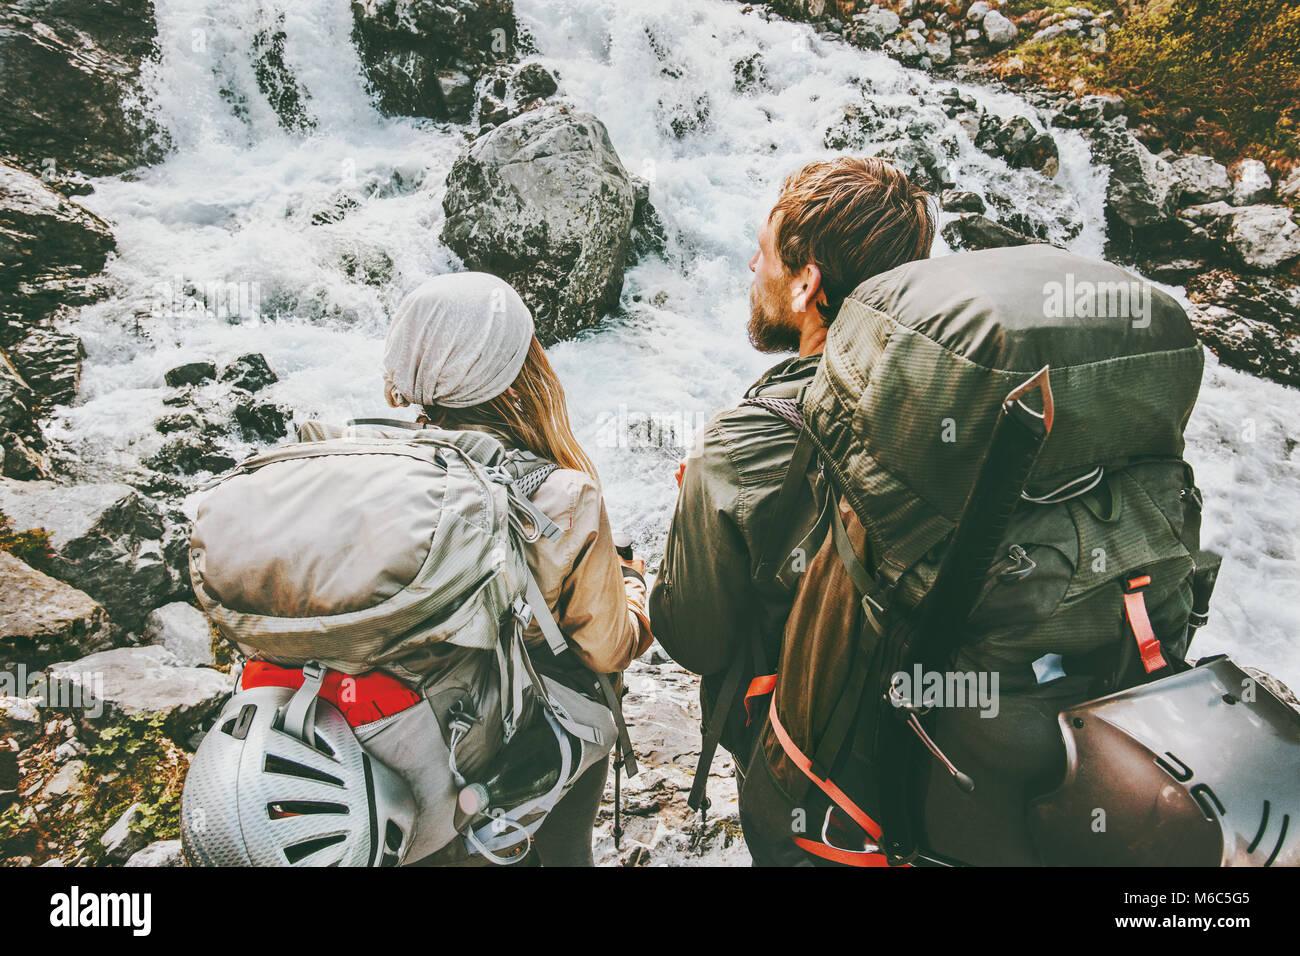 Par mochileros senderismo en las montañas juntos el amor y el estilo de vida de aventura viajes wanderlust Imagen De Stock